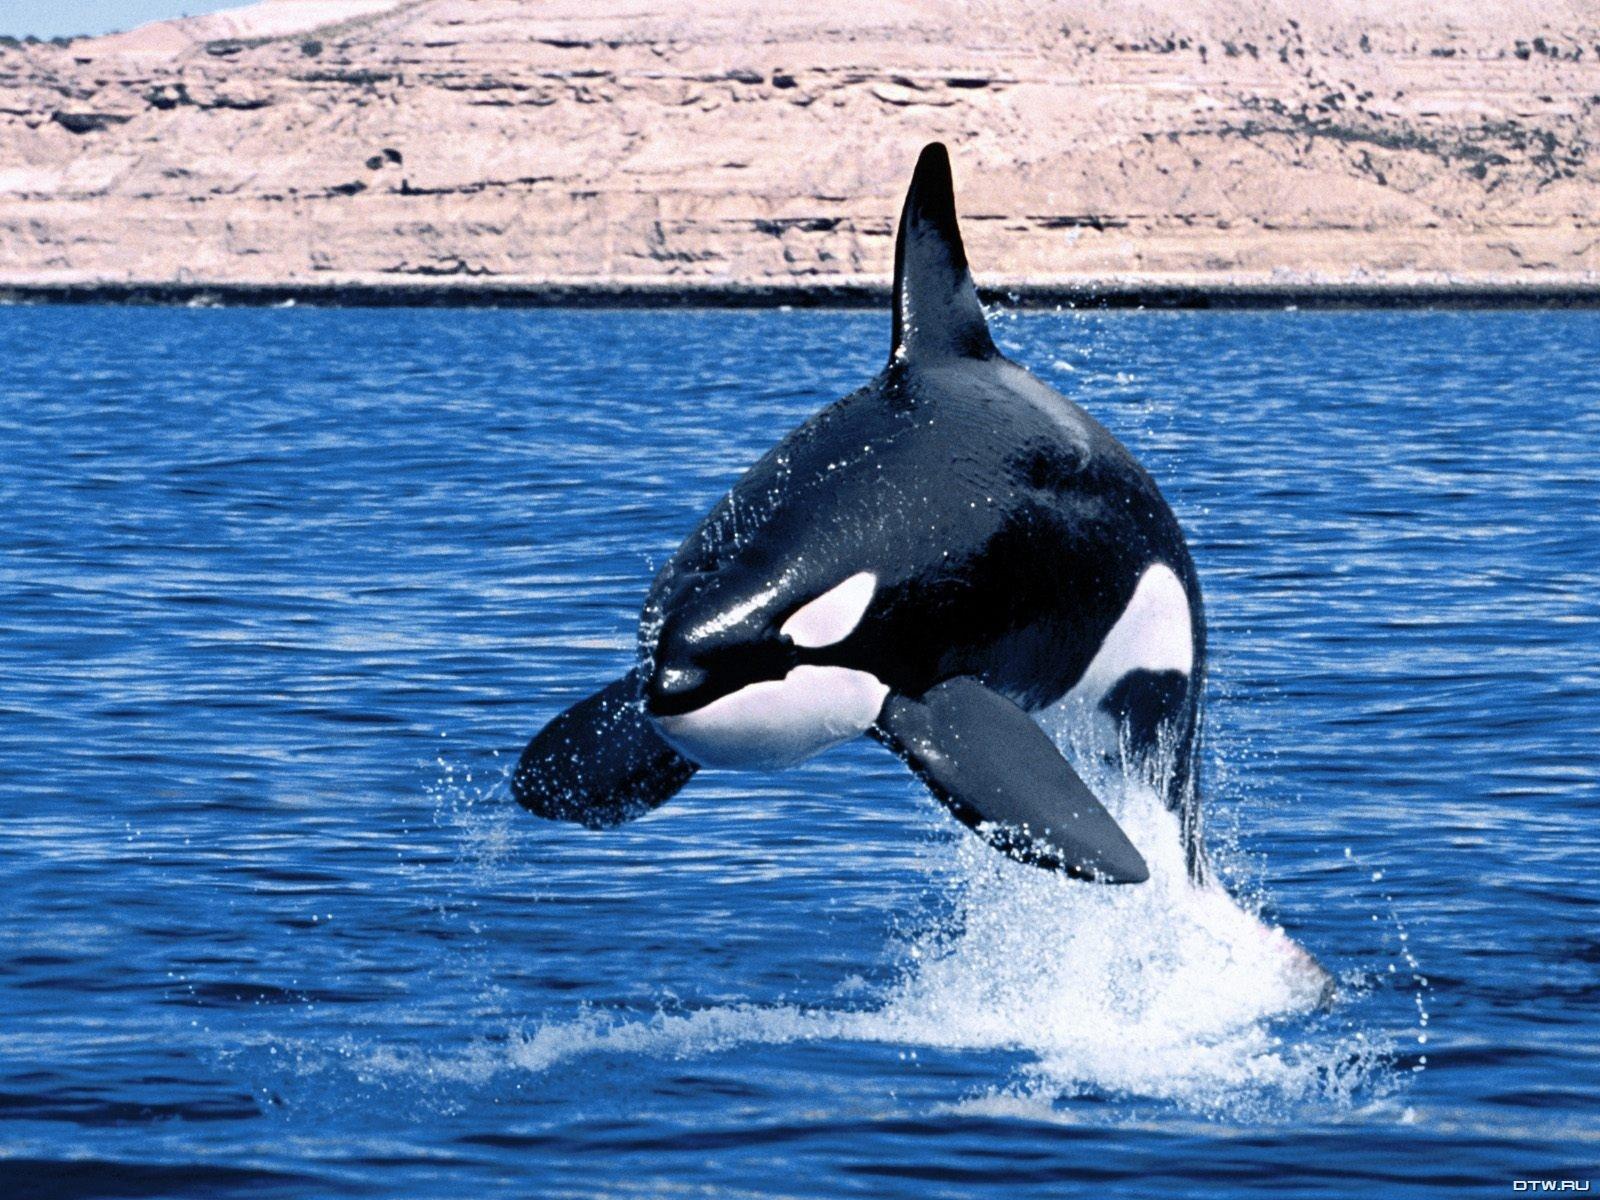 Orca Killer Whale 1600x1200